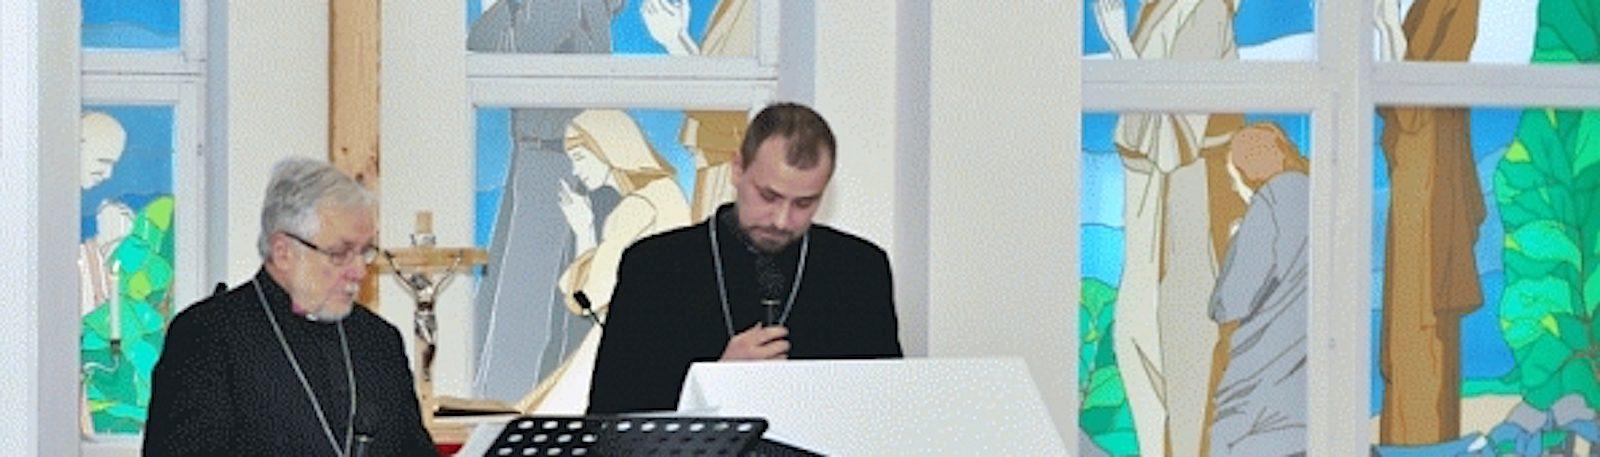 Petroskoin luterilaisen seurakunnan uudelleenrekisteröinnistä 50 vuotta